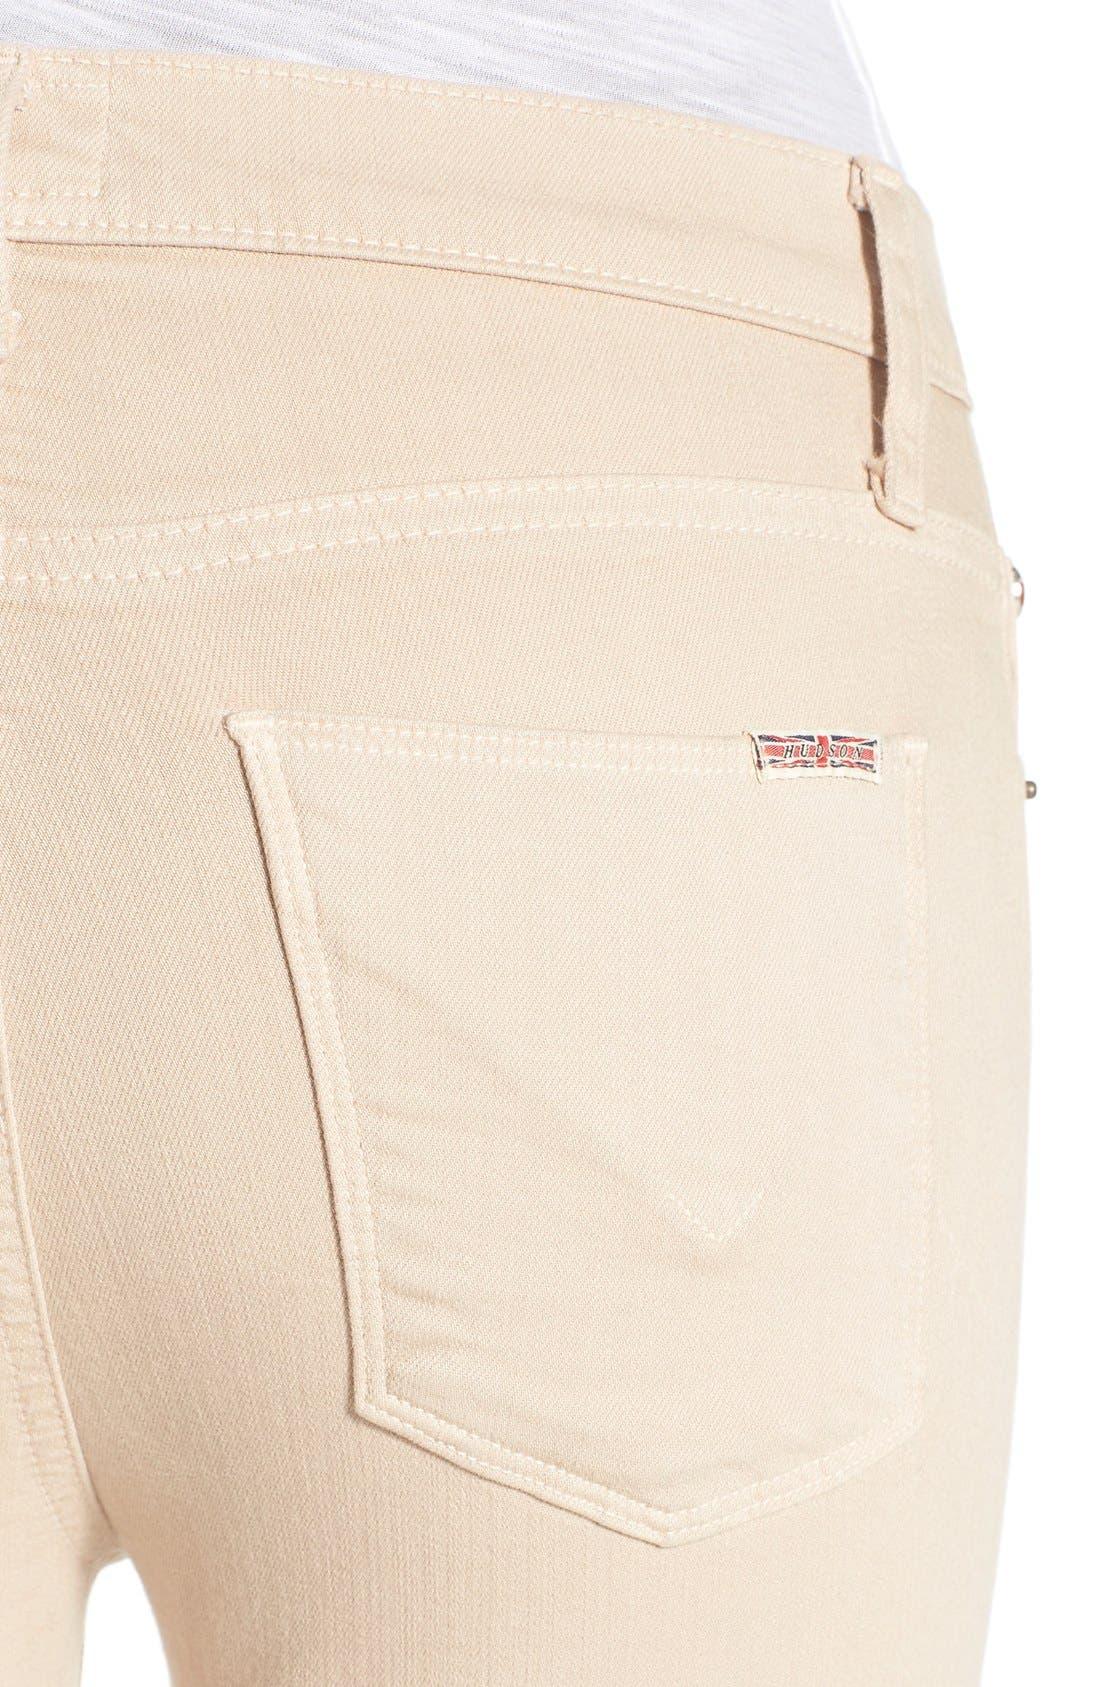 Alternate Image 4  - Hudson Jeans 'Jodi' Flare Jeans (Parachute Khaki)